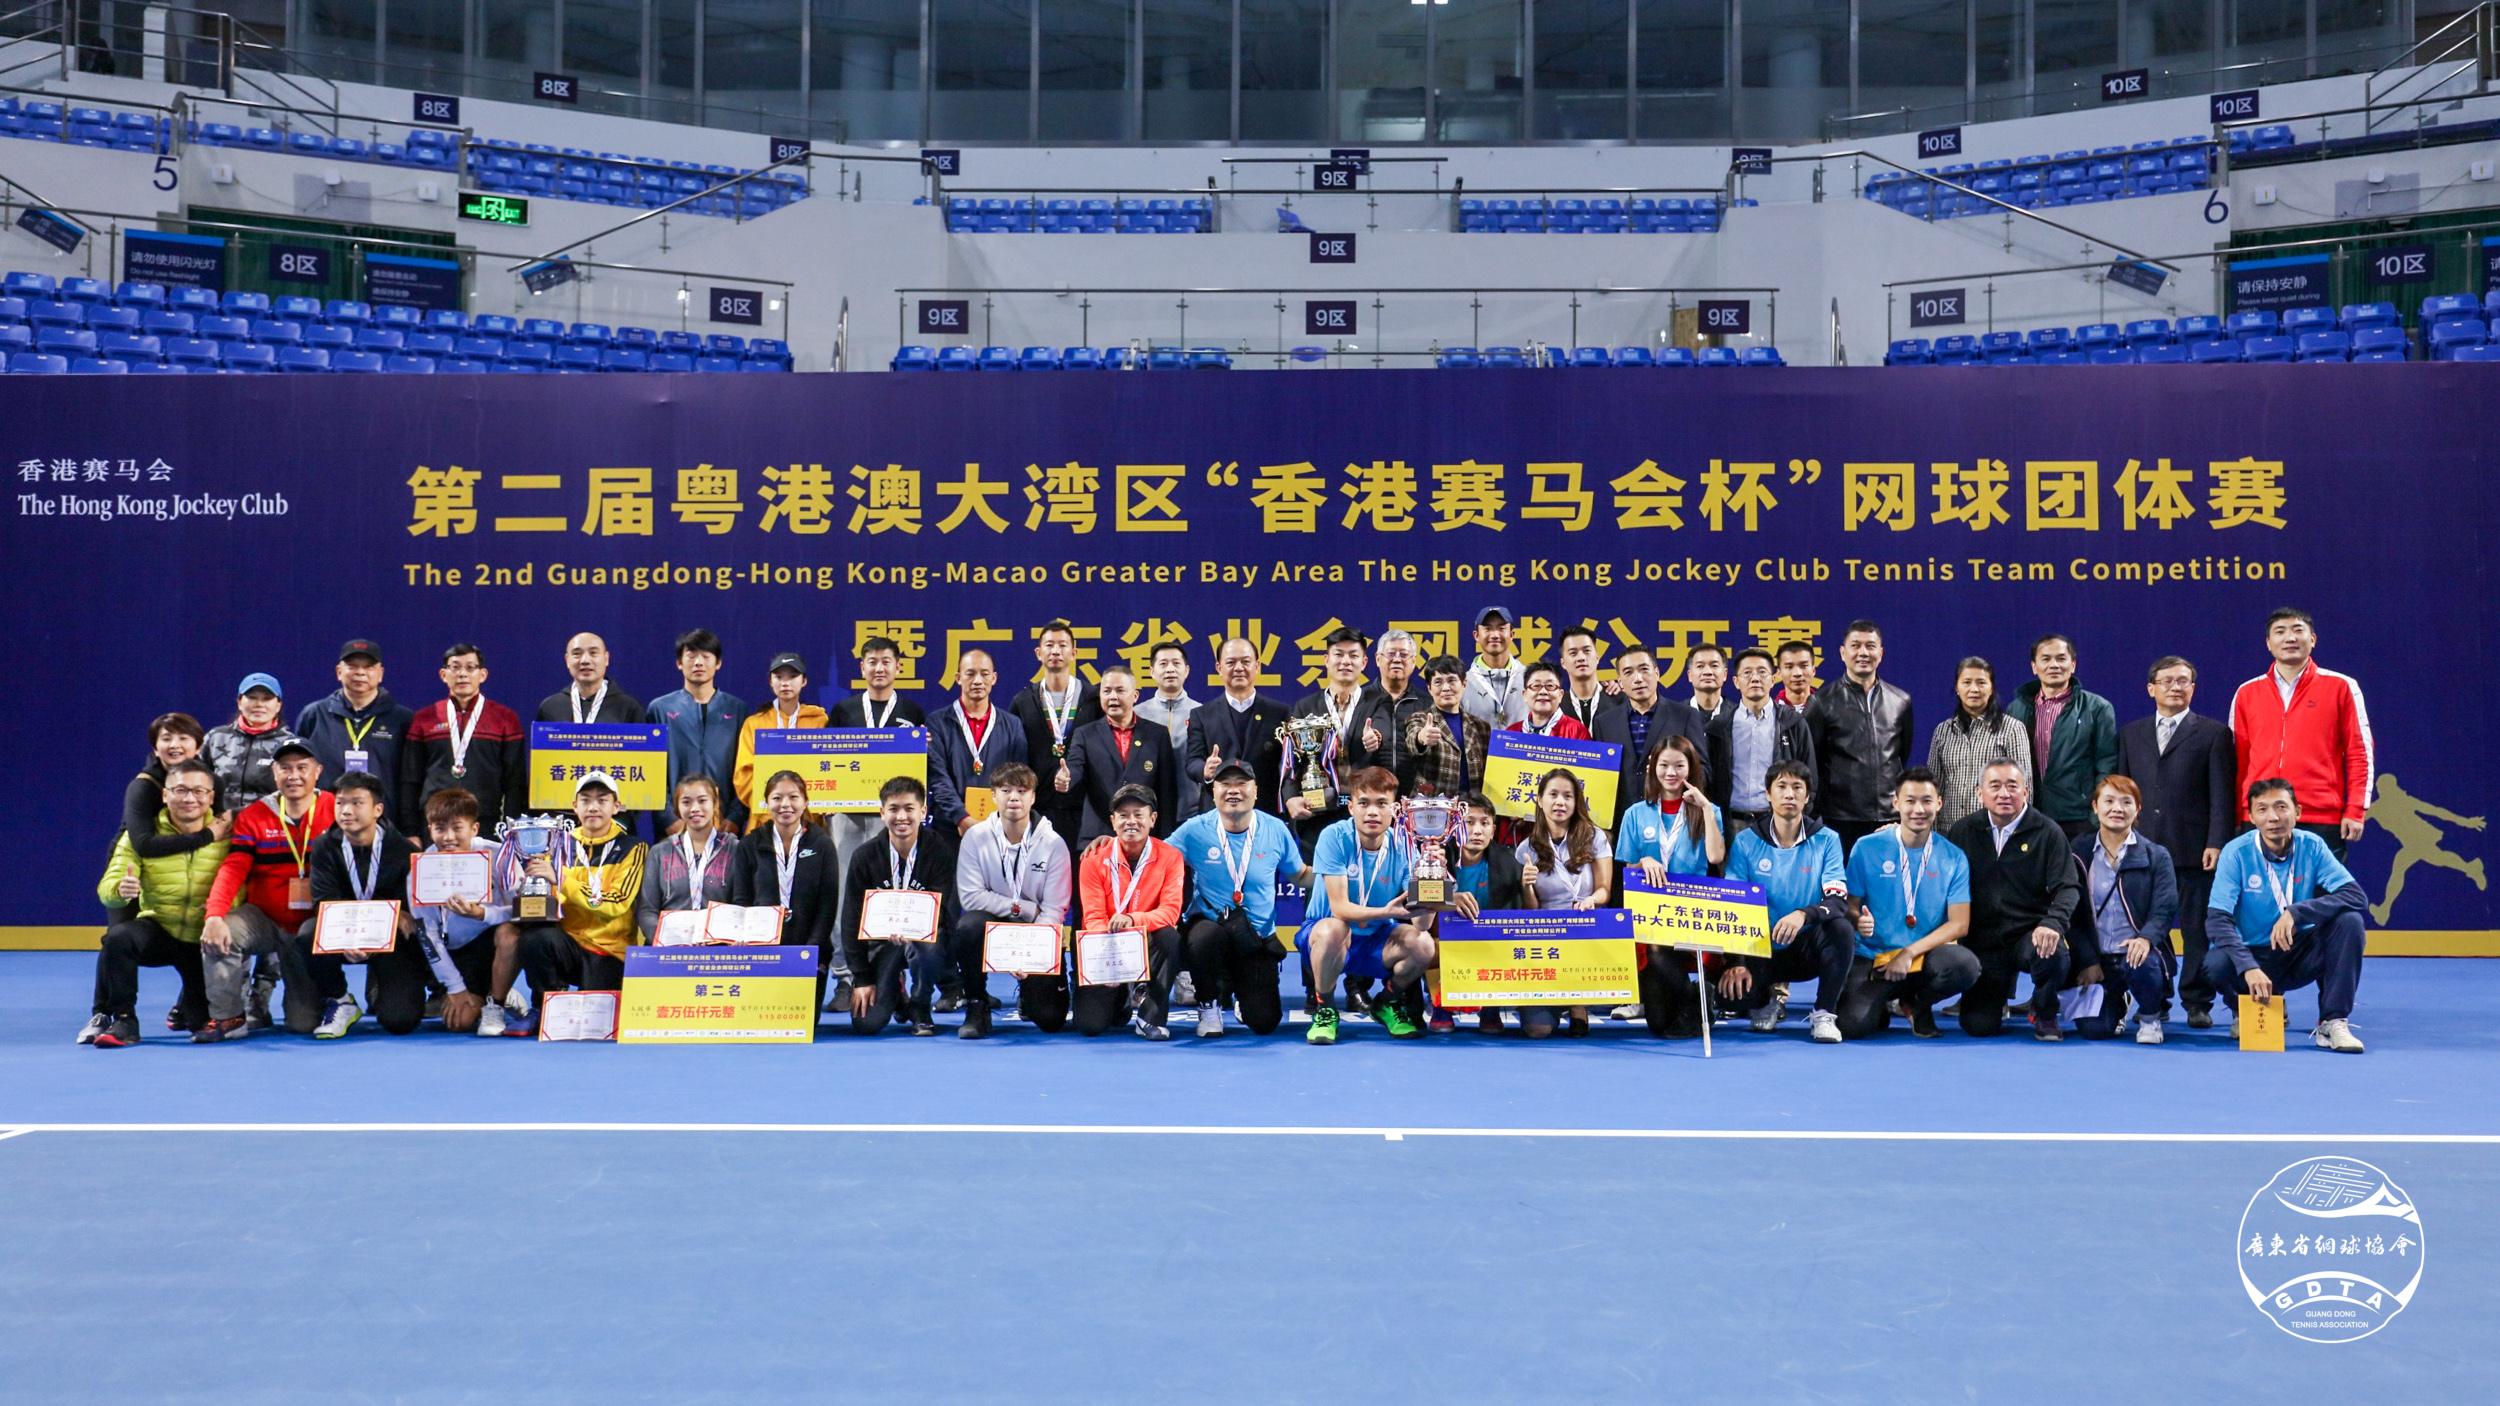 第二届粤港澳大湾区网球团体赛落幕 深圳队蝉联冠军!